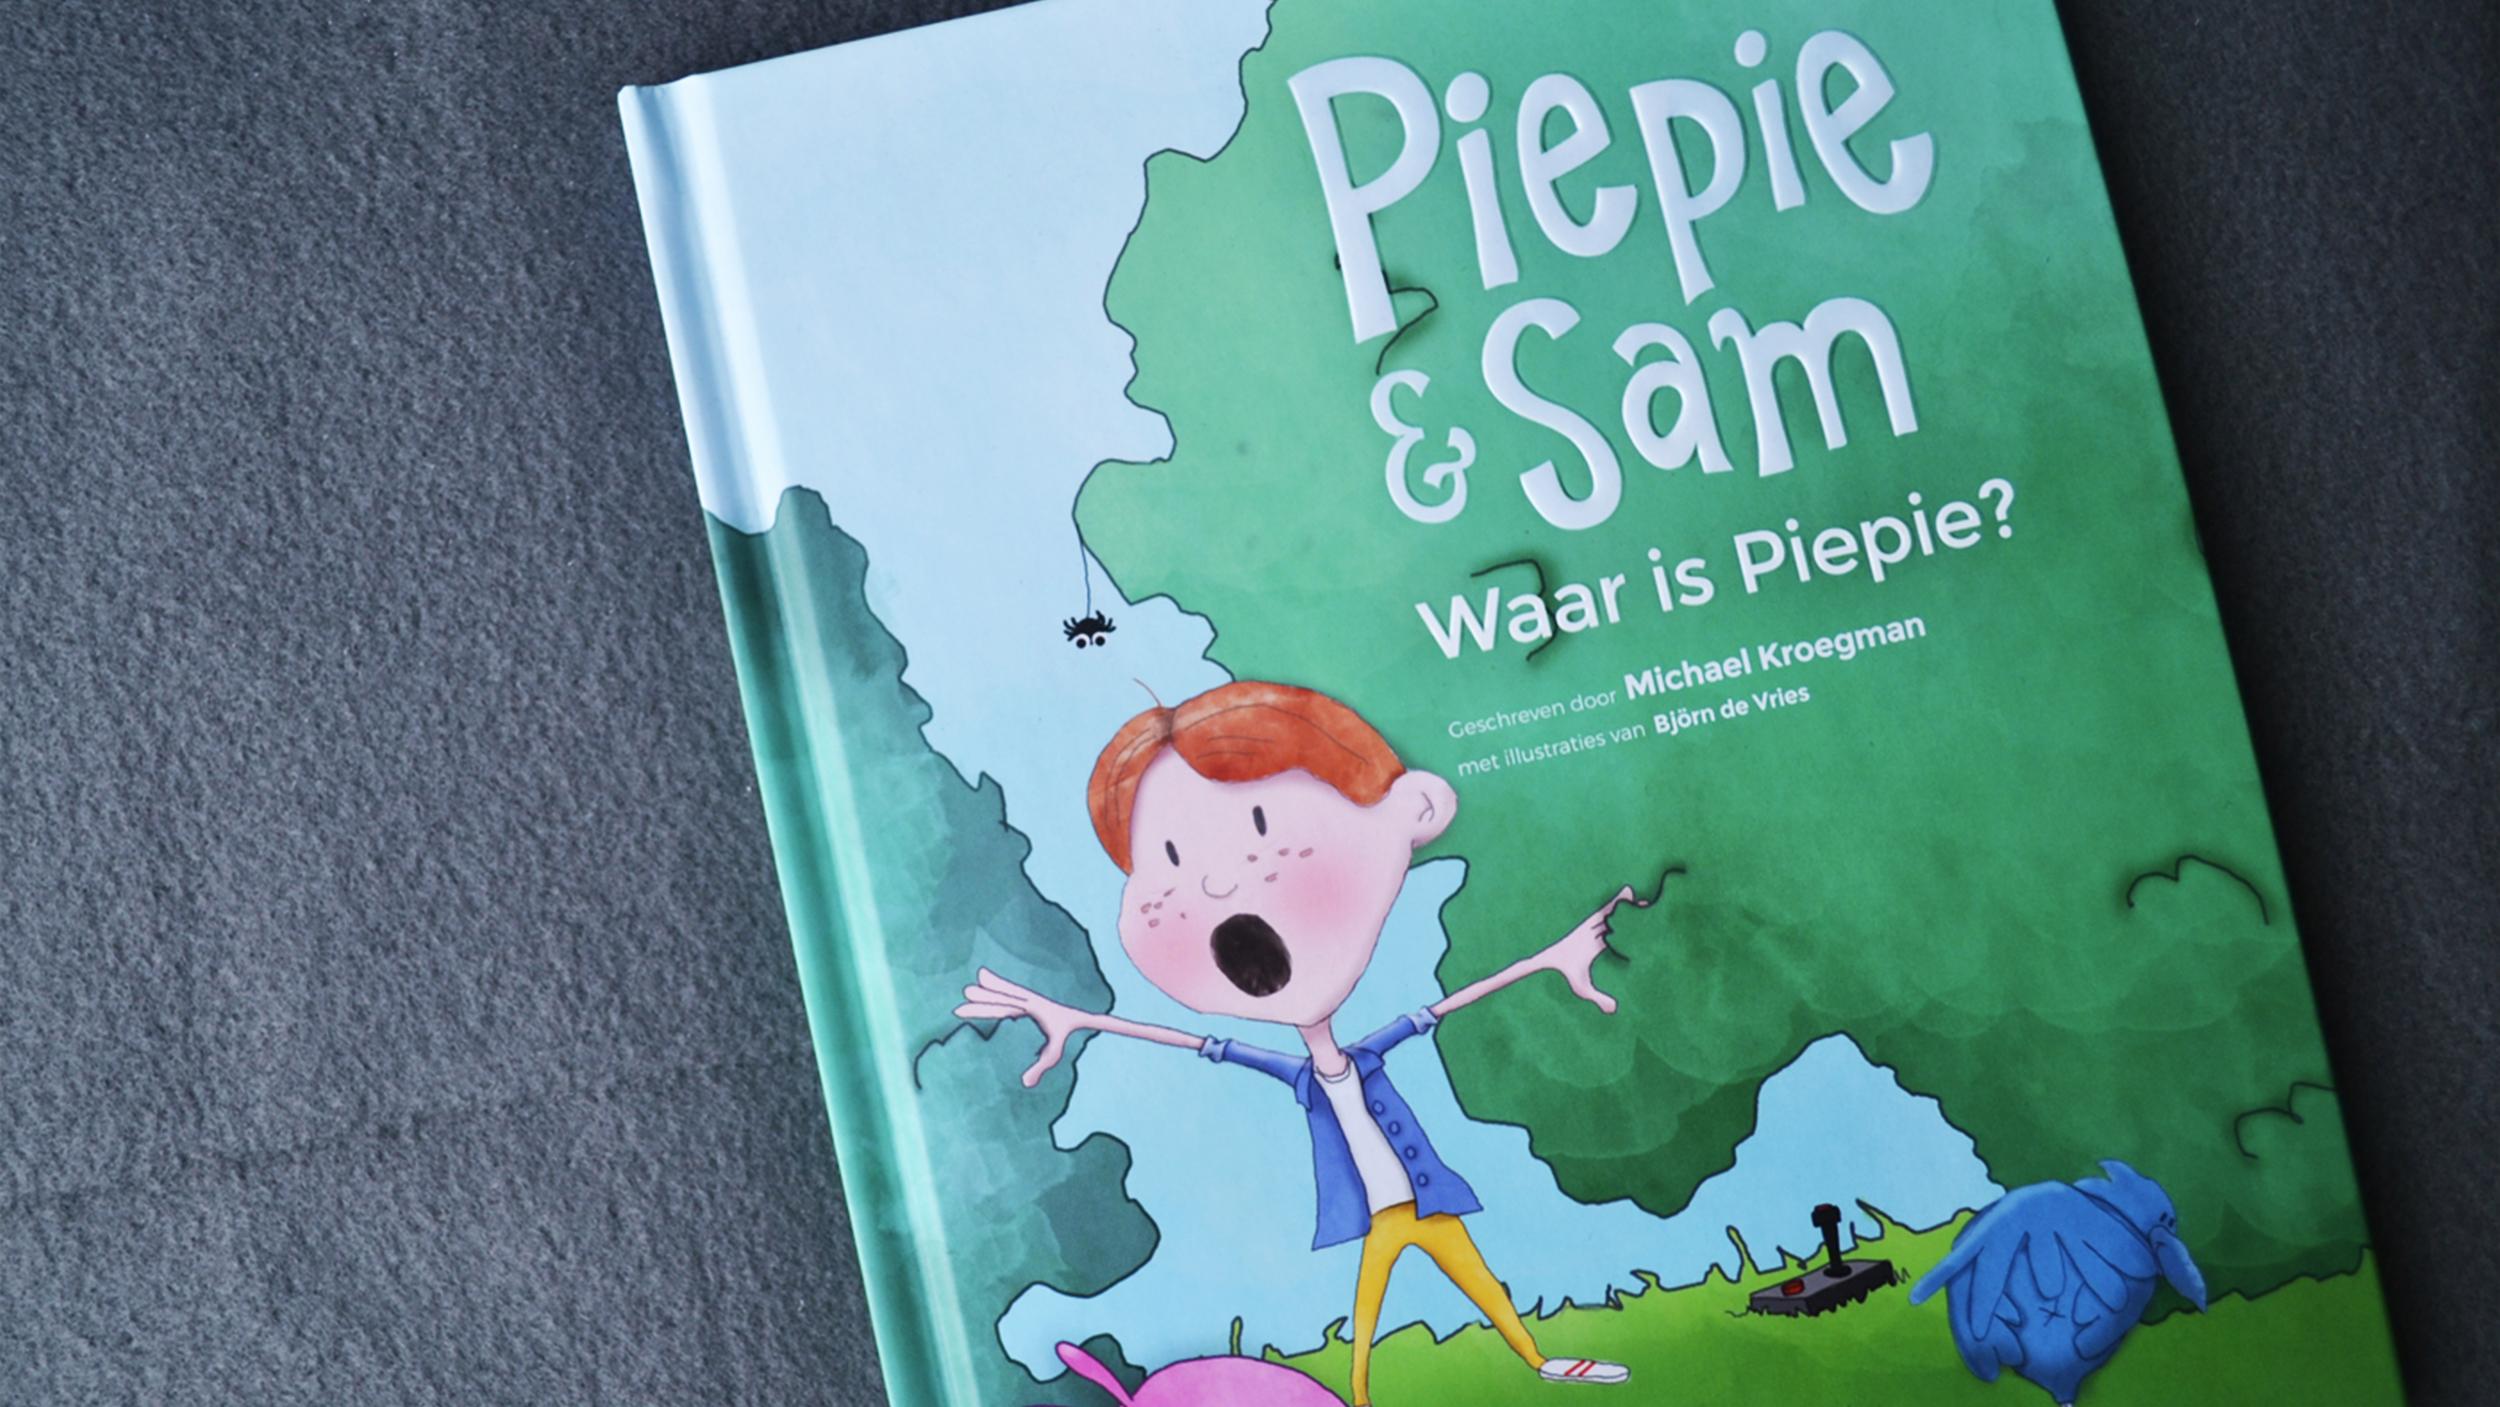 #1 Piepie & Sam 'Waar is Piepie' – cover